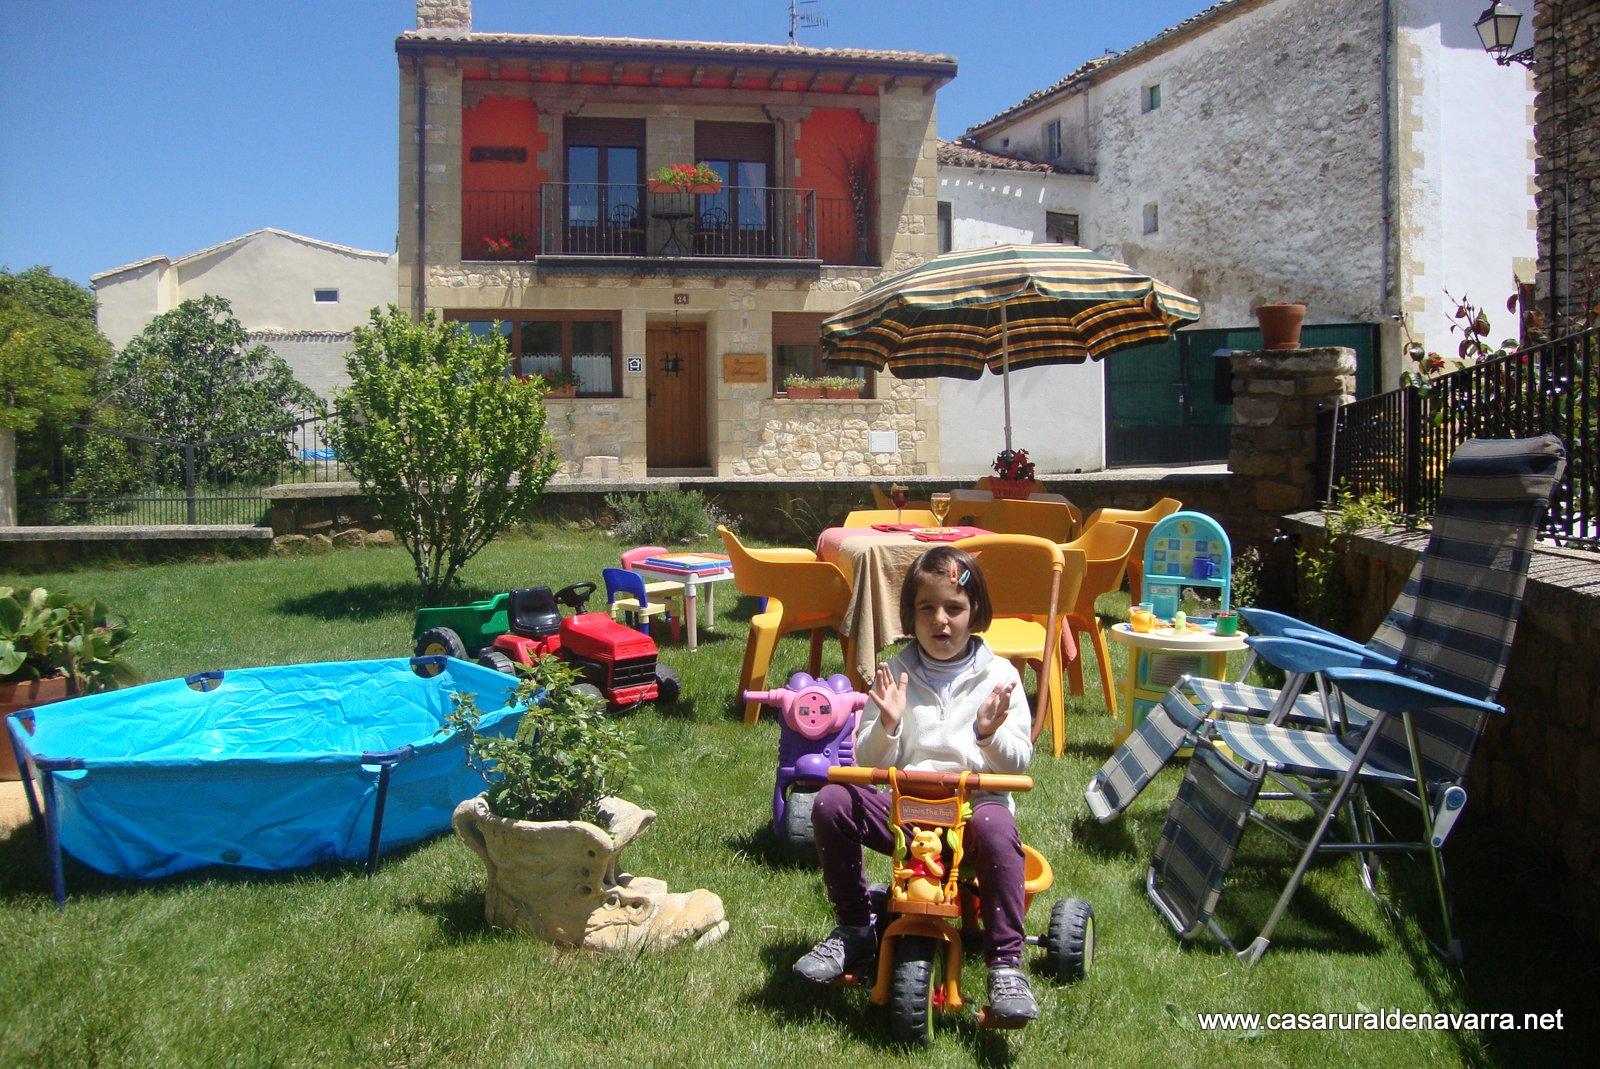 Turismo rural en navarra pierdete en casa rural - Paginas de casas rurales ...